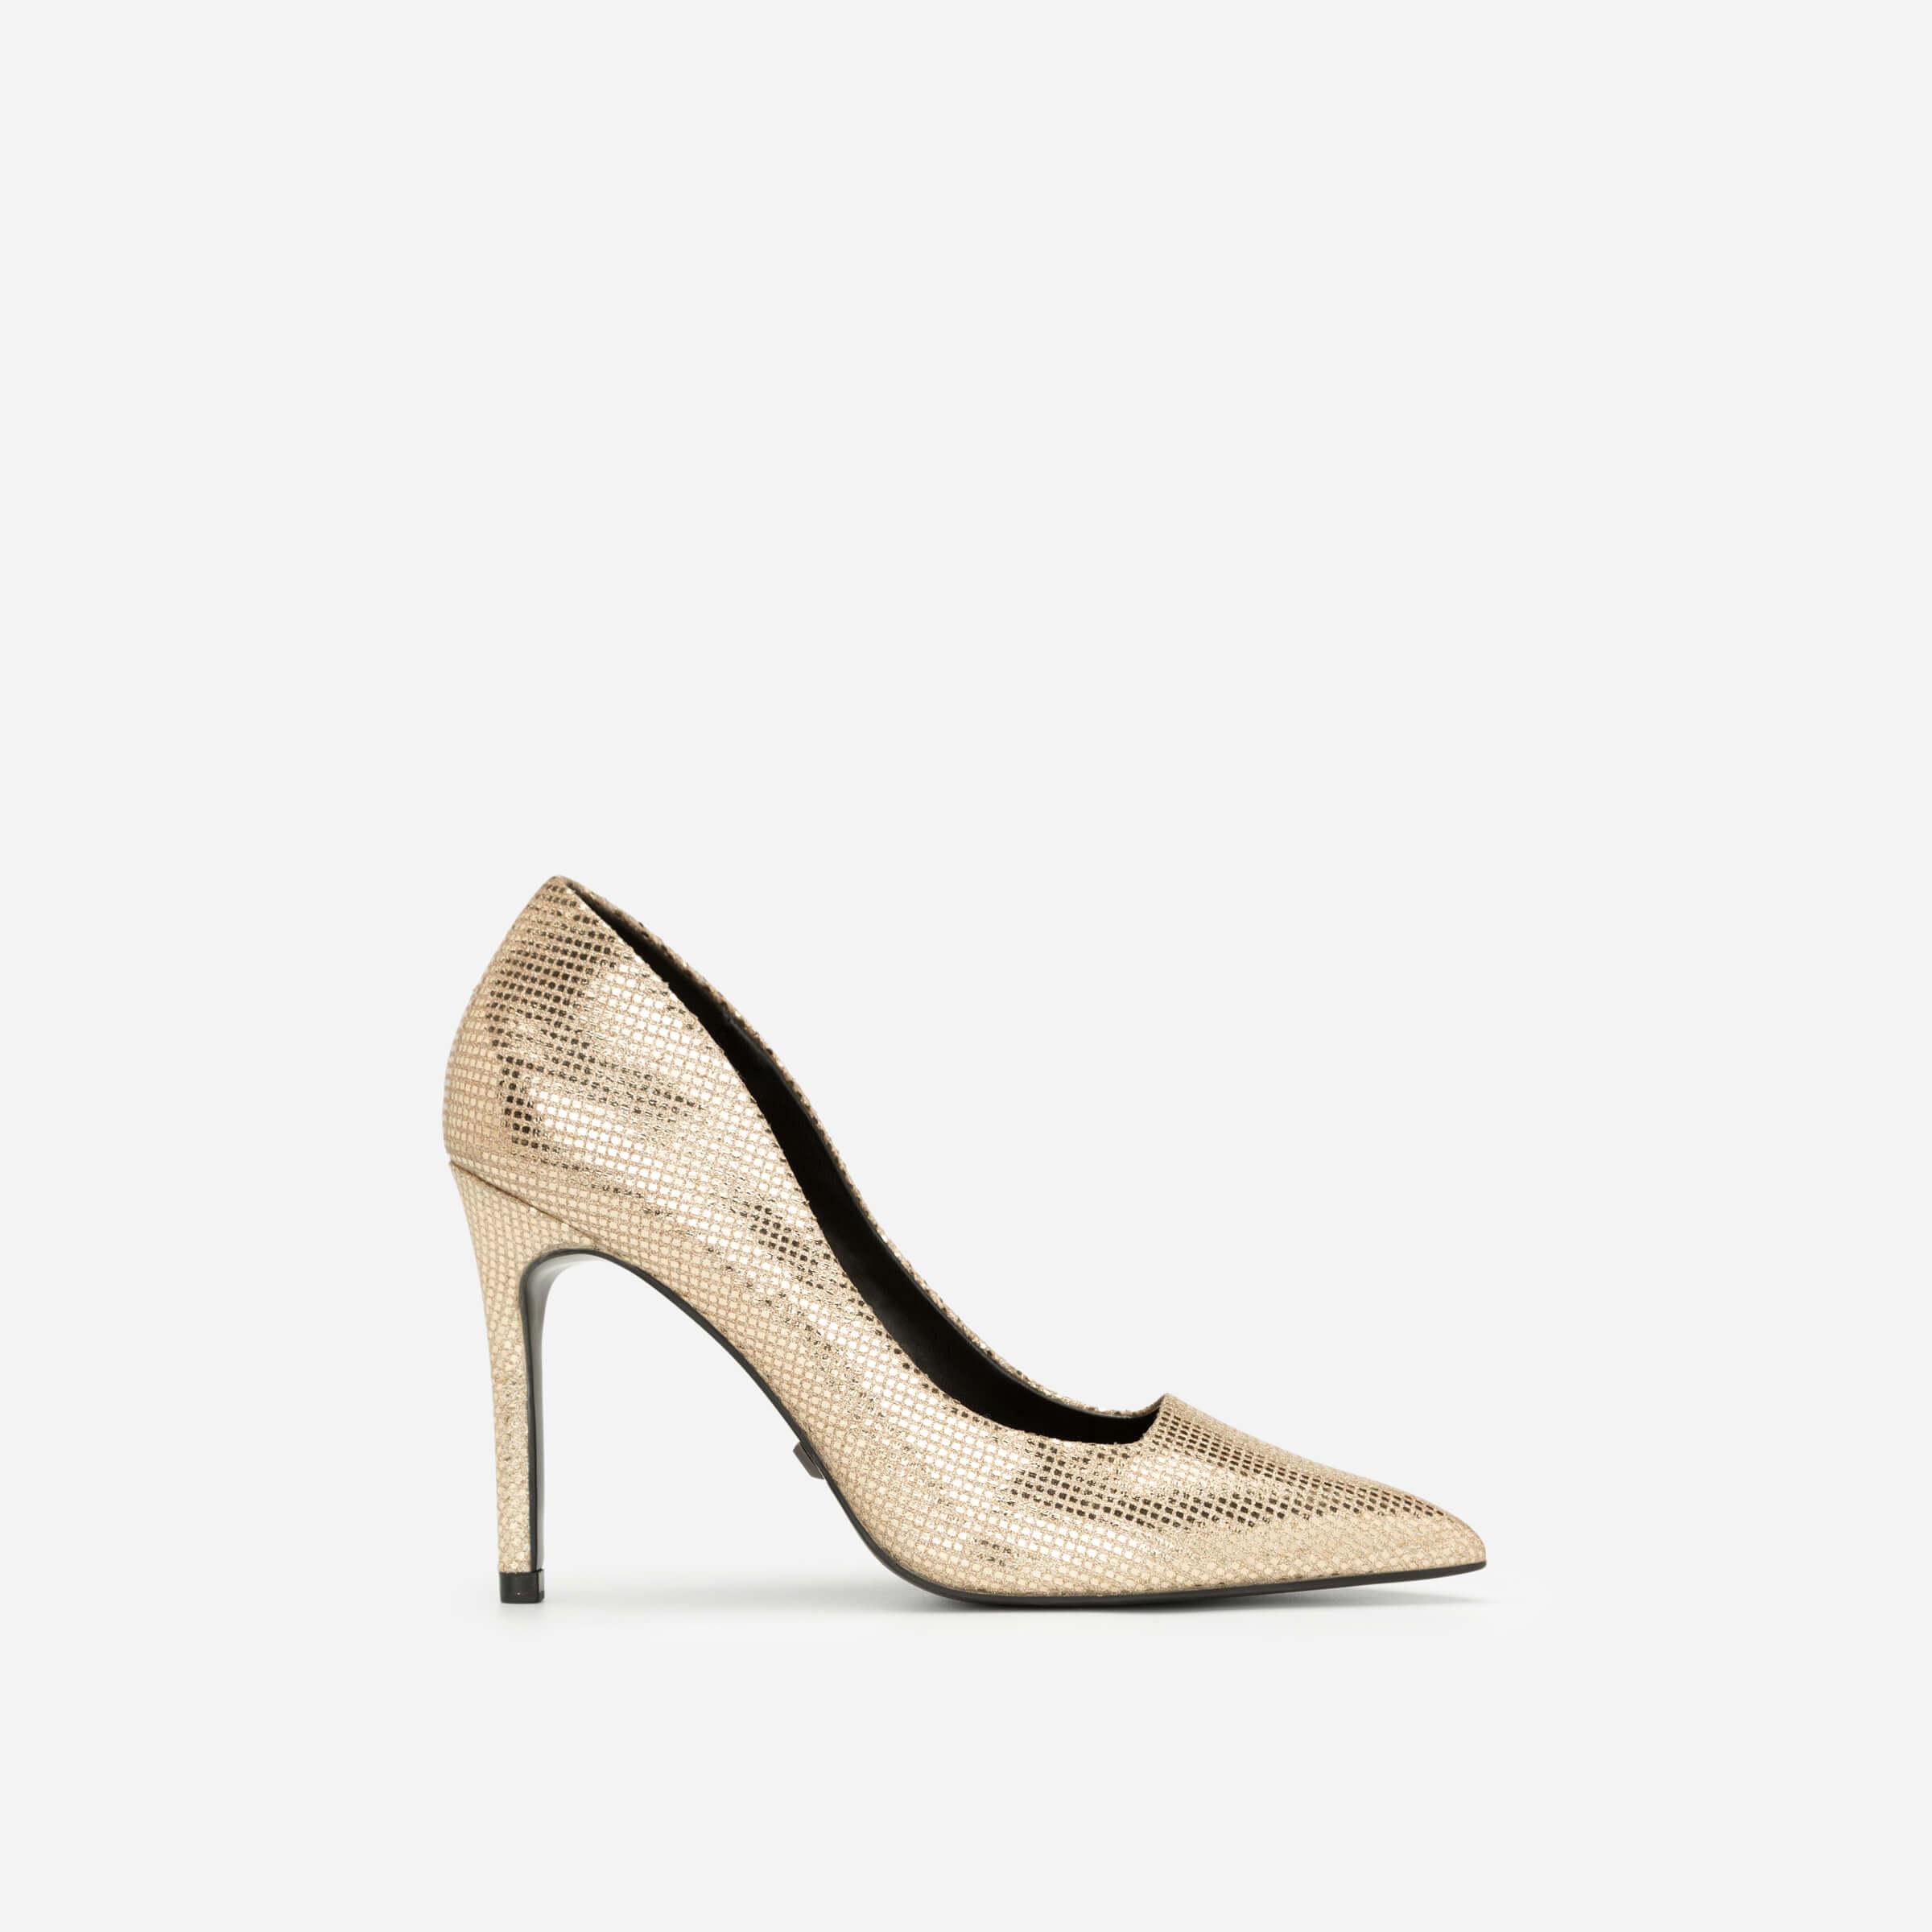 Giày ánh vàng Vascara quà tặng giáng sinh theo cung hoàng đạo